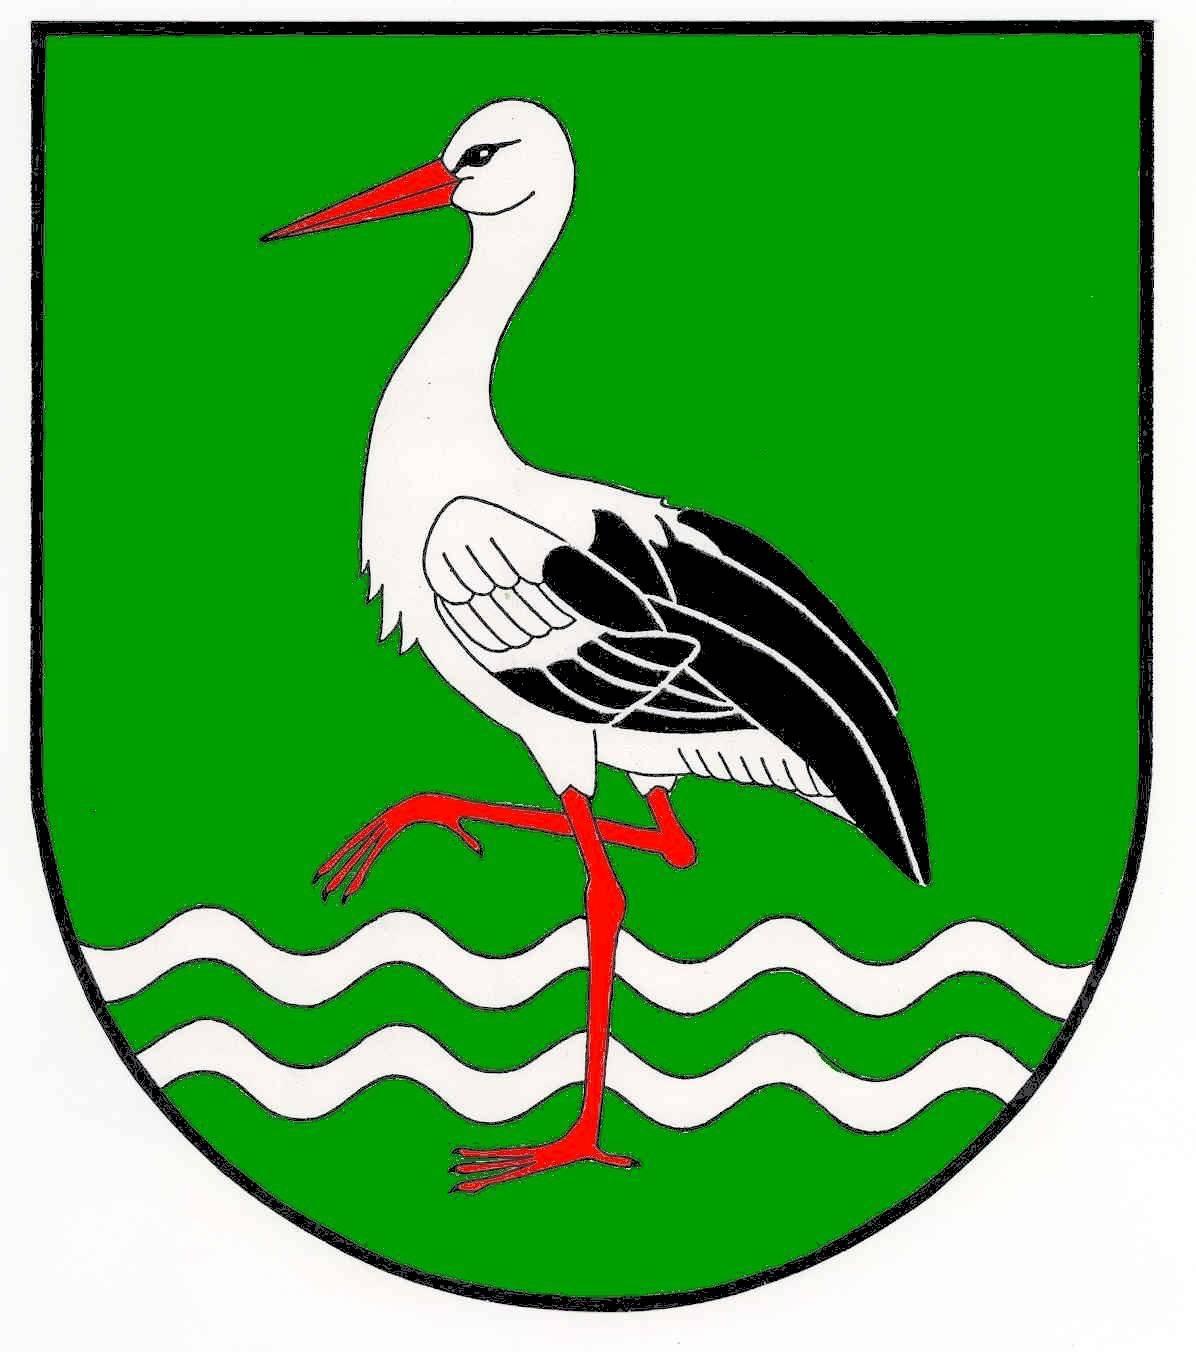 Wappen GemeindeBergenhusen, Kreis Schleswig-Flensburg